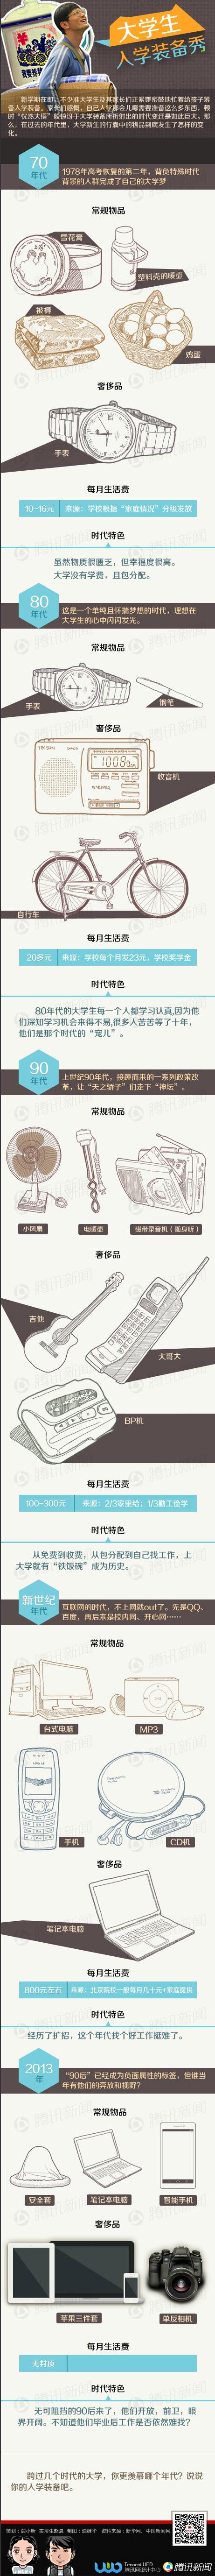 【演界信息图表】手绘-大学生入学装备秀